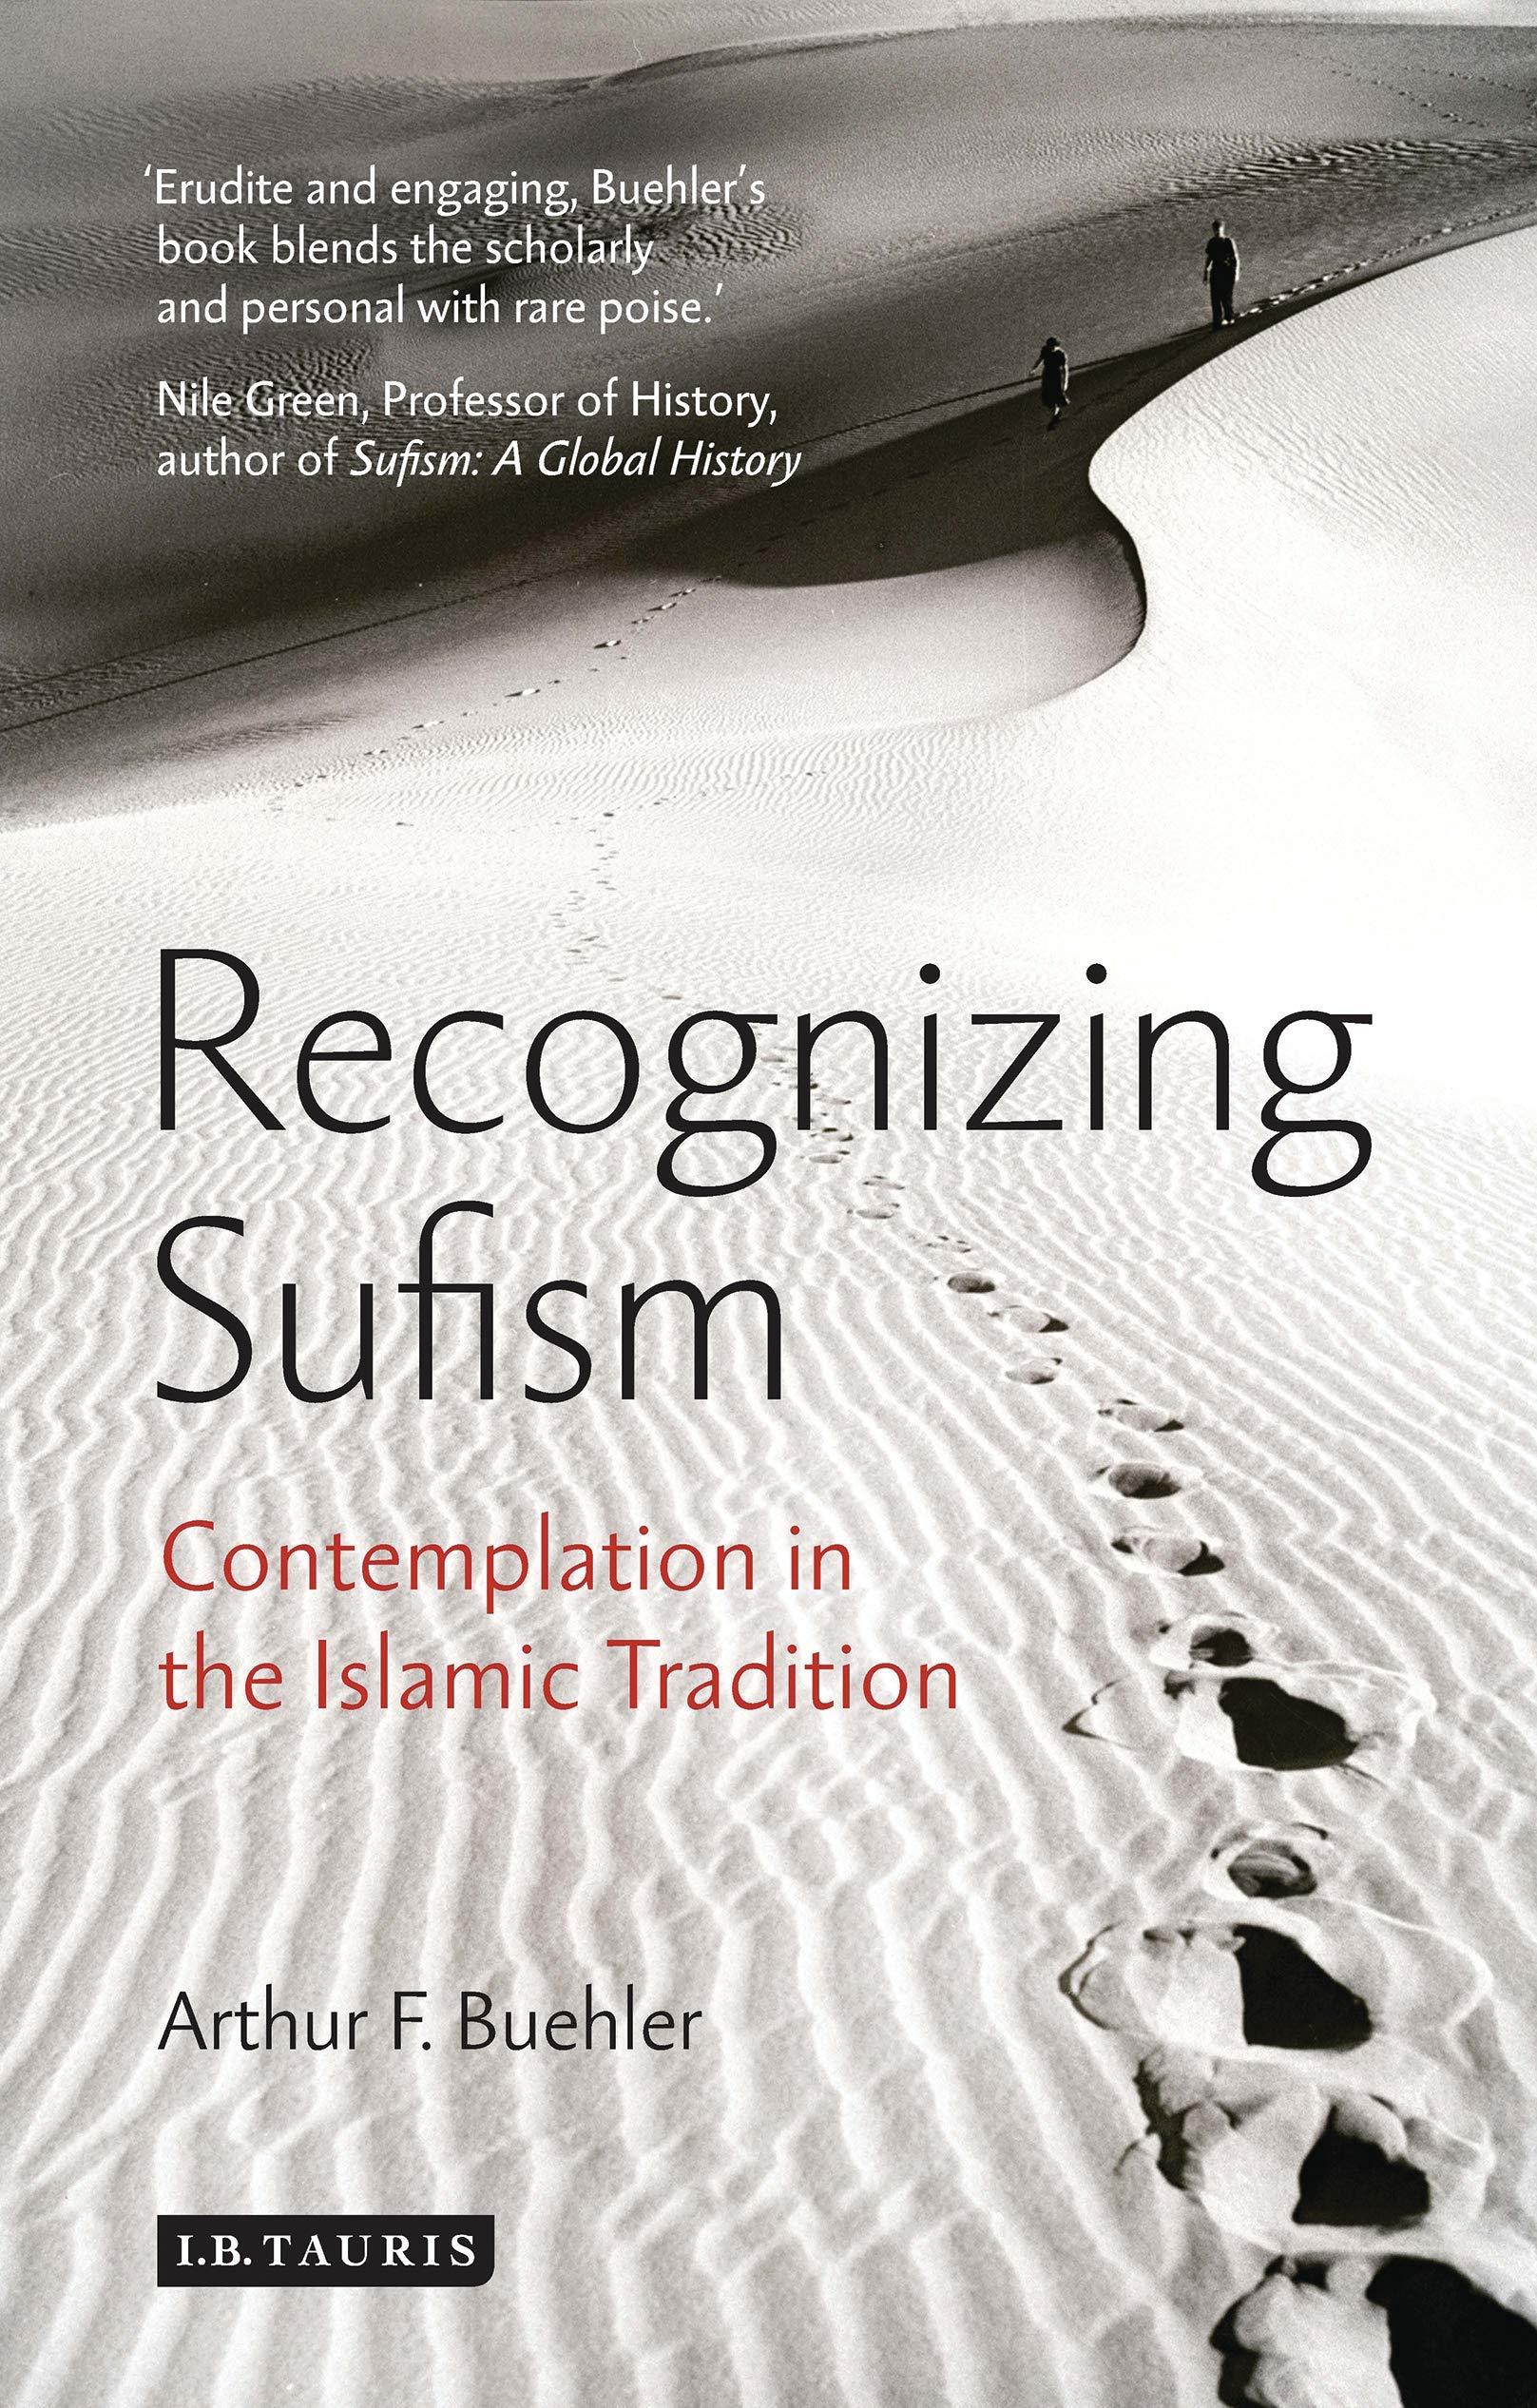 Recognizing Sufism